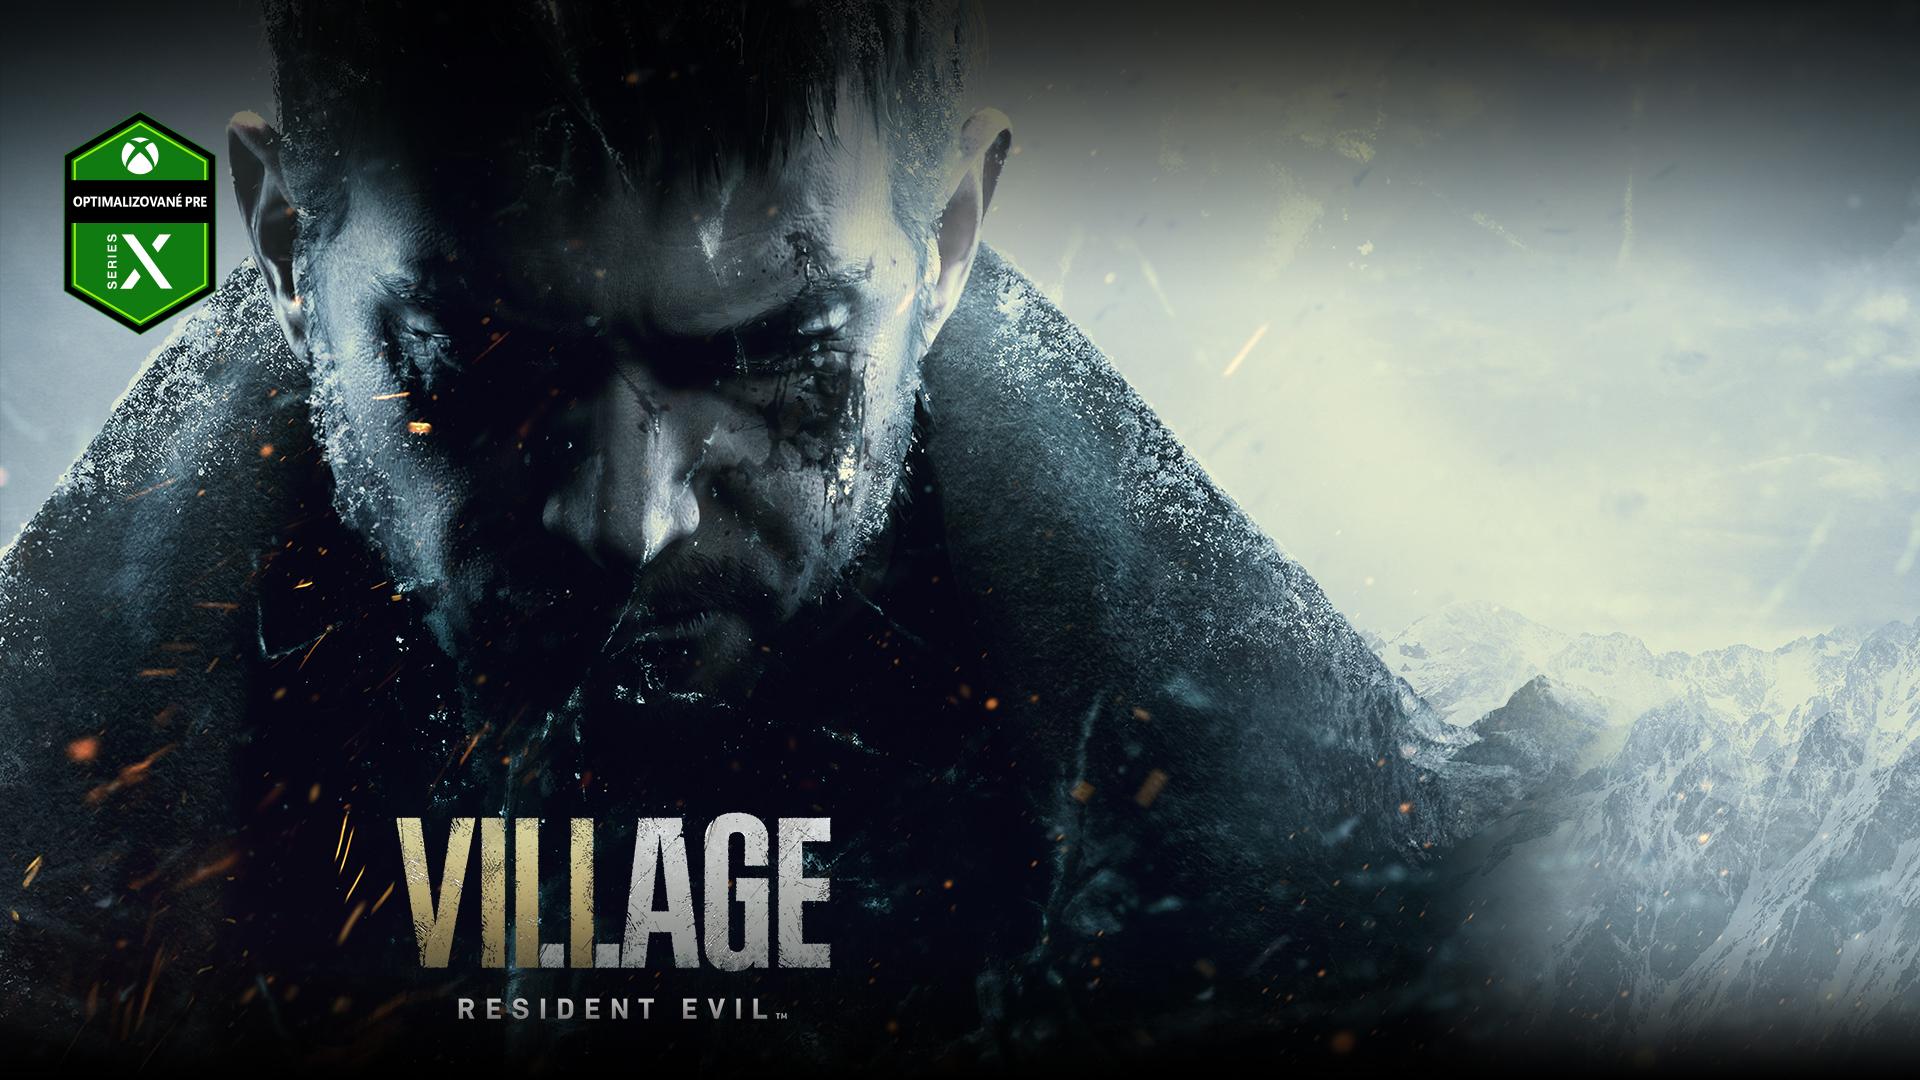 Resident Evil Village, vážna tvár Chrisa Redfielda na strane hory